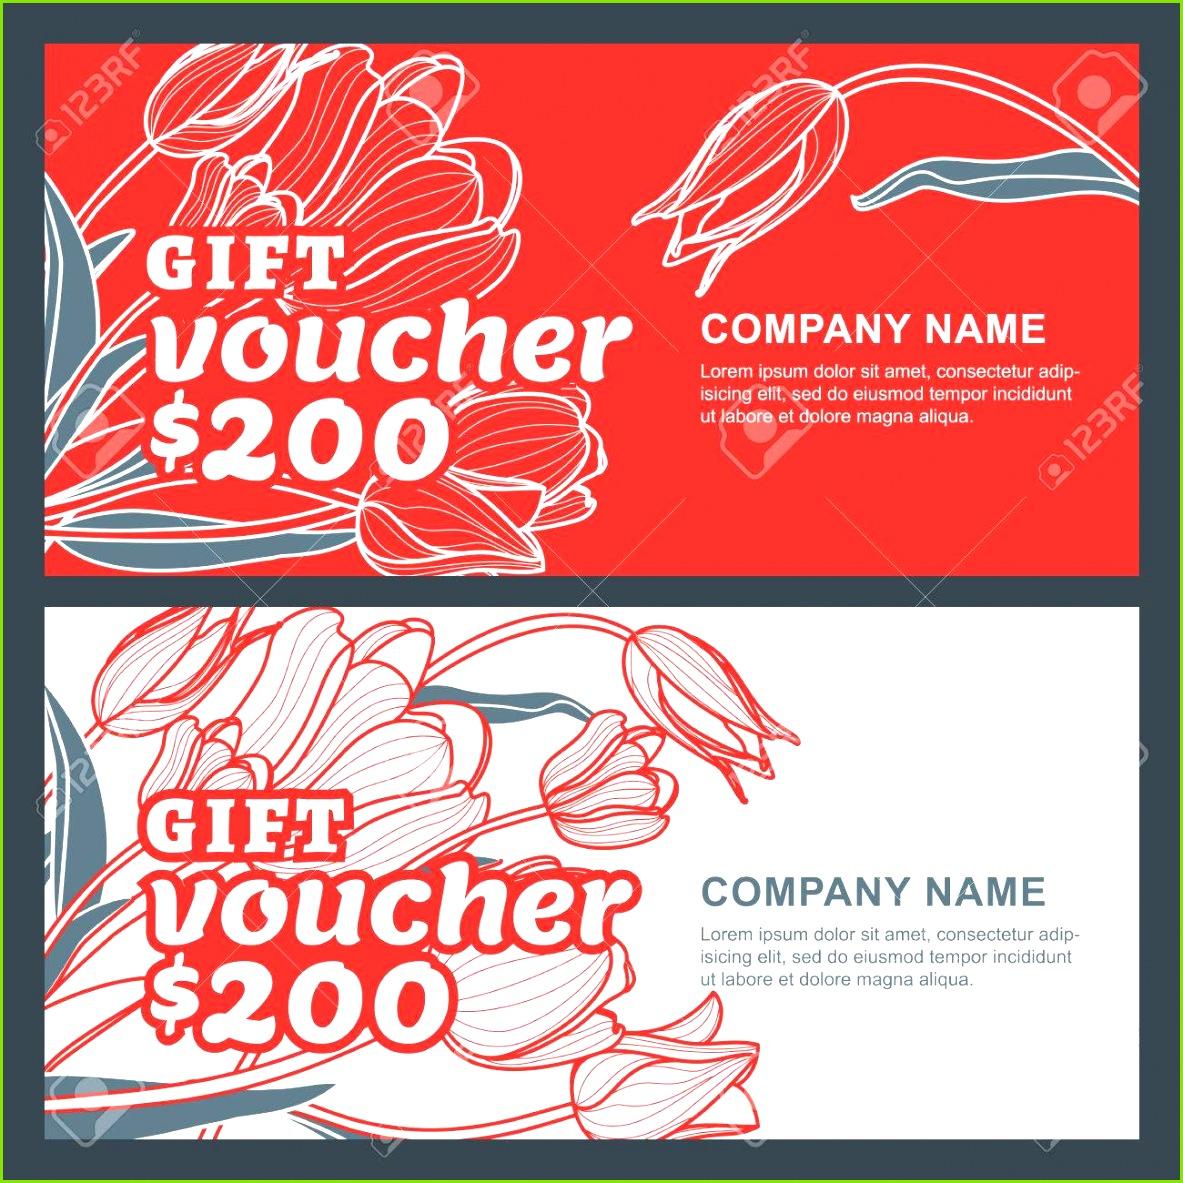 Business floral Kartenvorlage Abstrakter roter und weißer Hintergrund Design Konzept für Blumenshop Schönheitssalon Boutique Flyer Banner Grußkarte